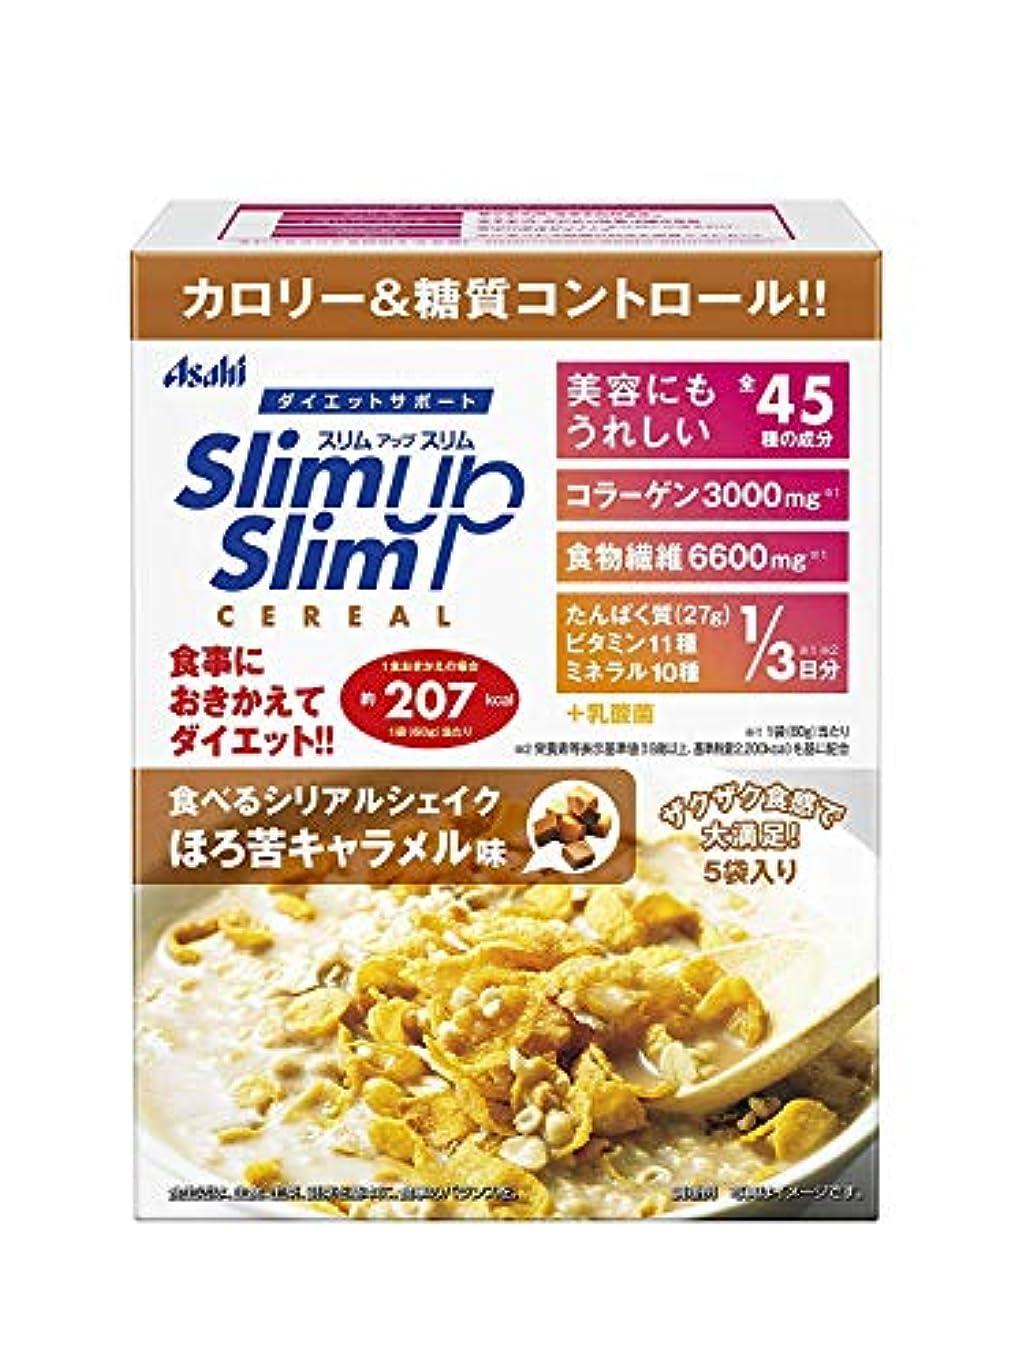 カウントアップ浸食測るスリムアップスリム 食べるシリアルシェイク ほろ苦キャラメル味 300g (60g×5袋) ×5